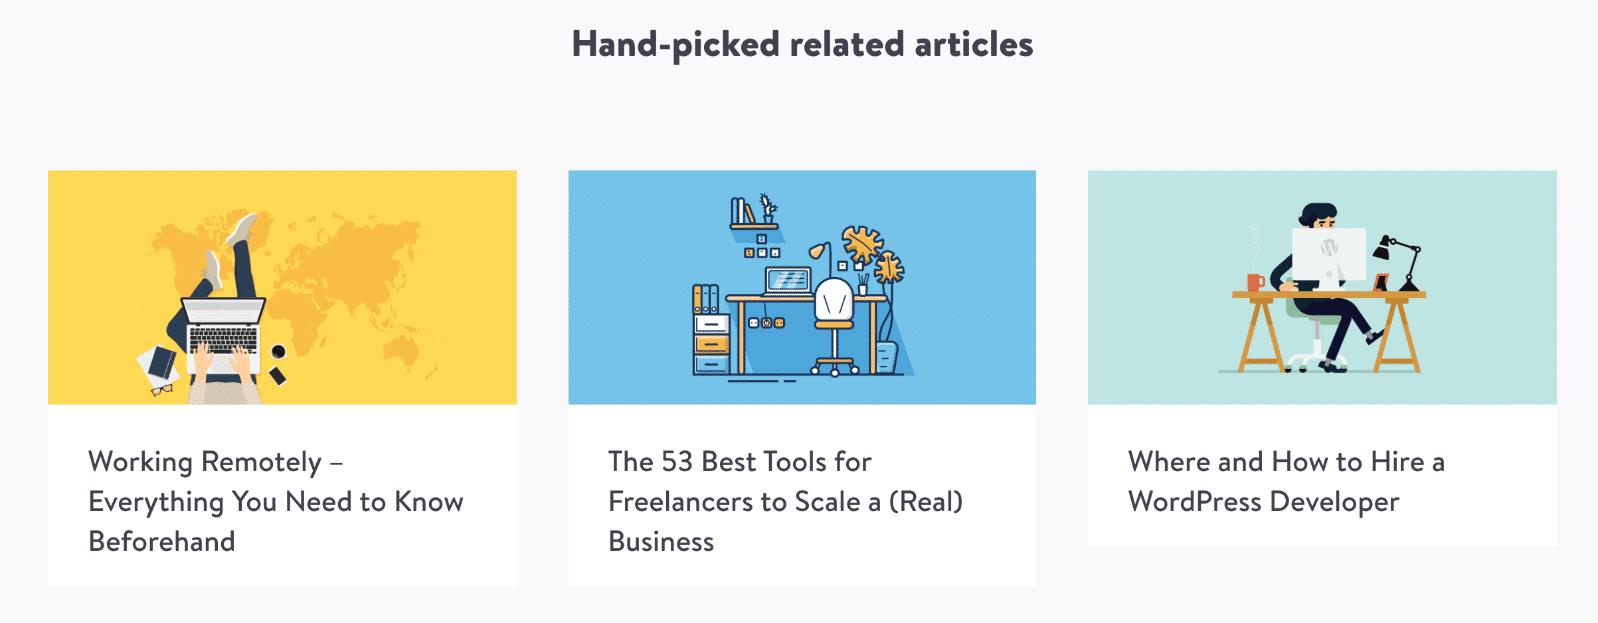 WordPressin aiheeseen liittyviä postauksia